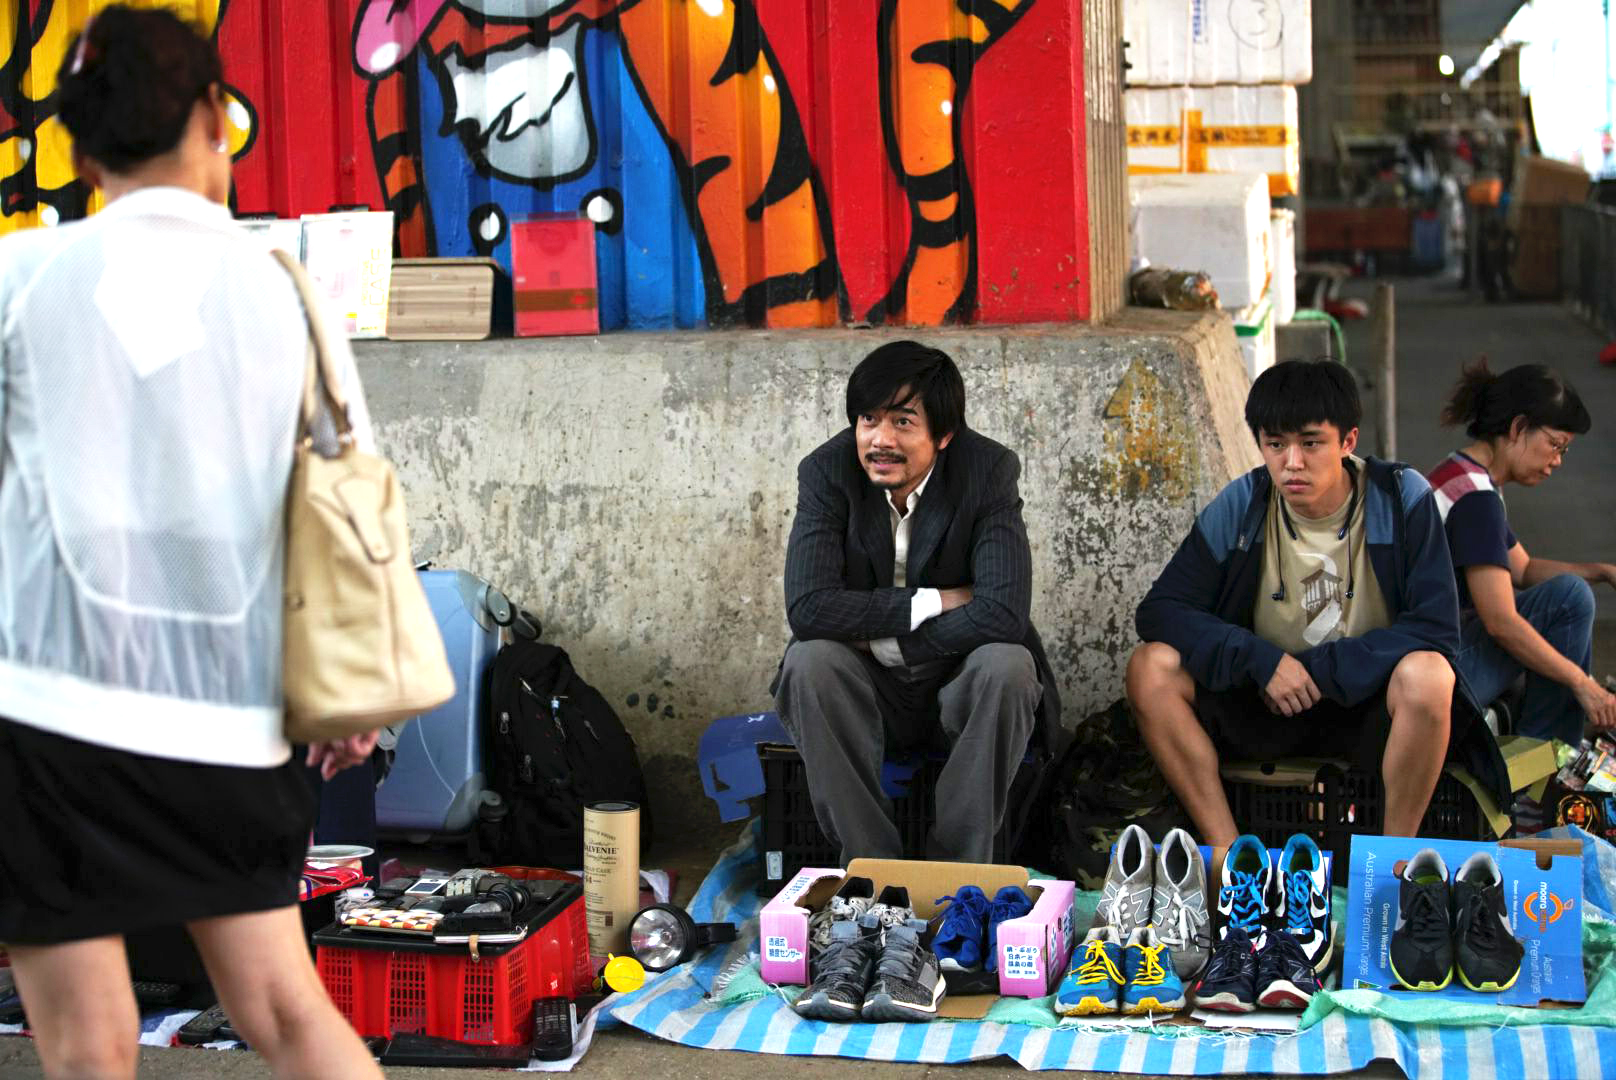 郭富城自認《麥路人》是最觸動他的電影 挑戰流浪漢角色呈現香港冷暖交集人生